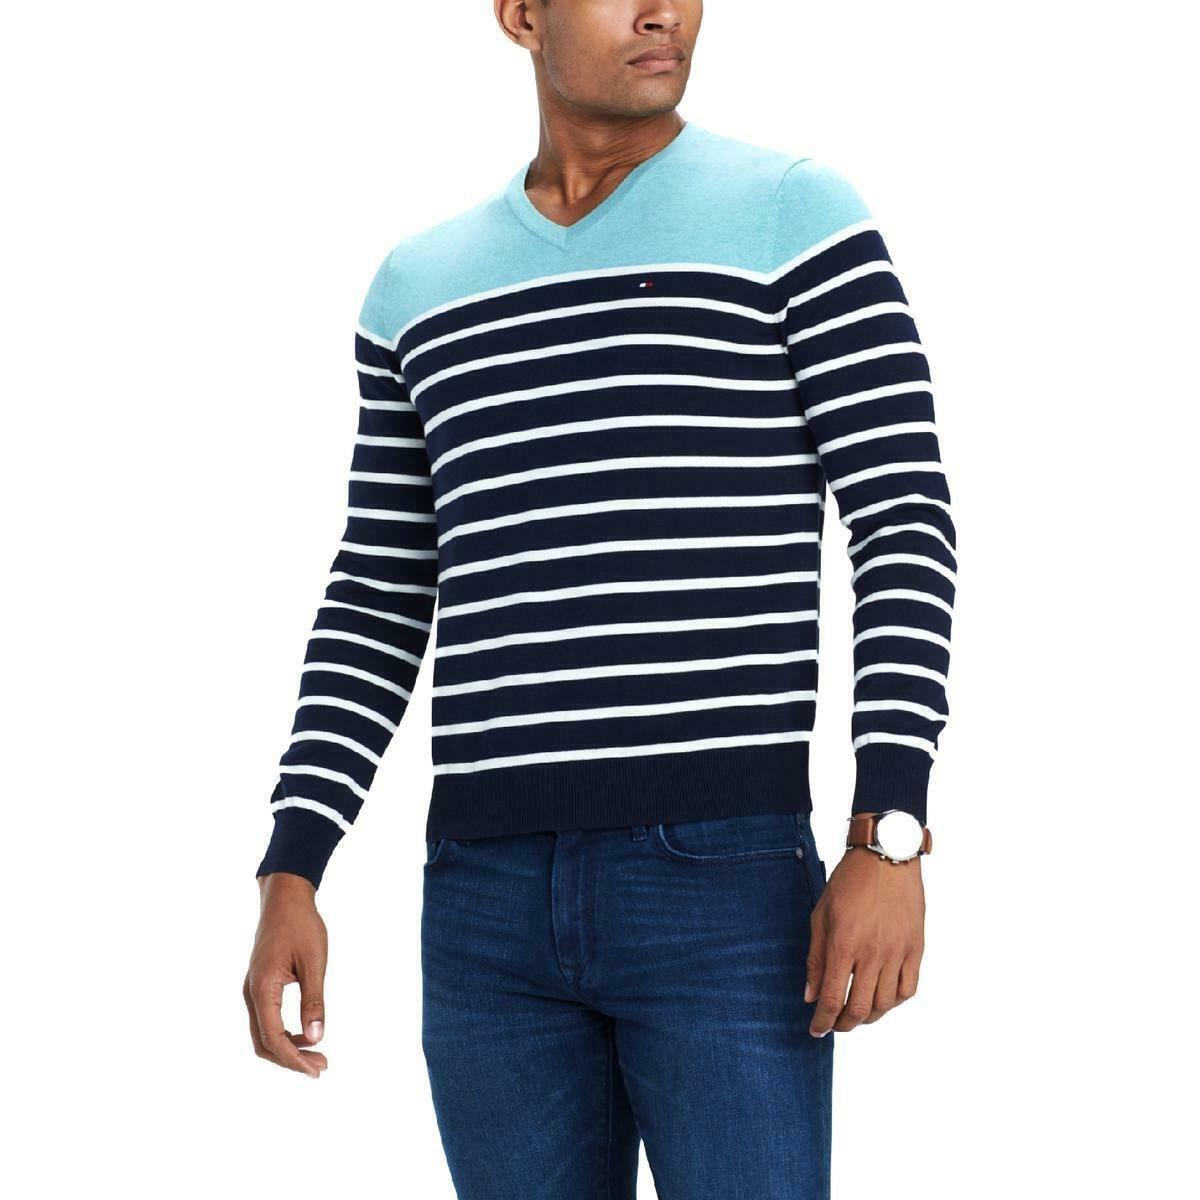 Tommy Hilfiger Striped Mens Large V-Neck Sweater